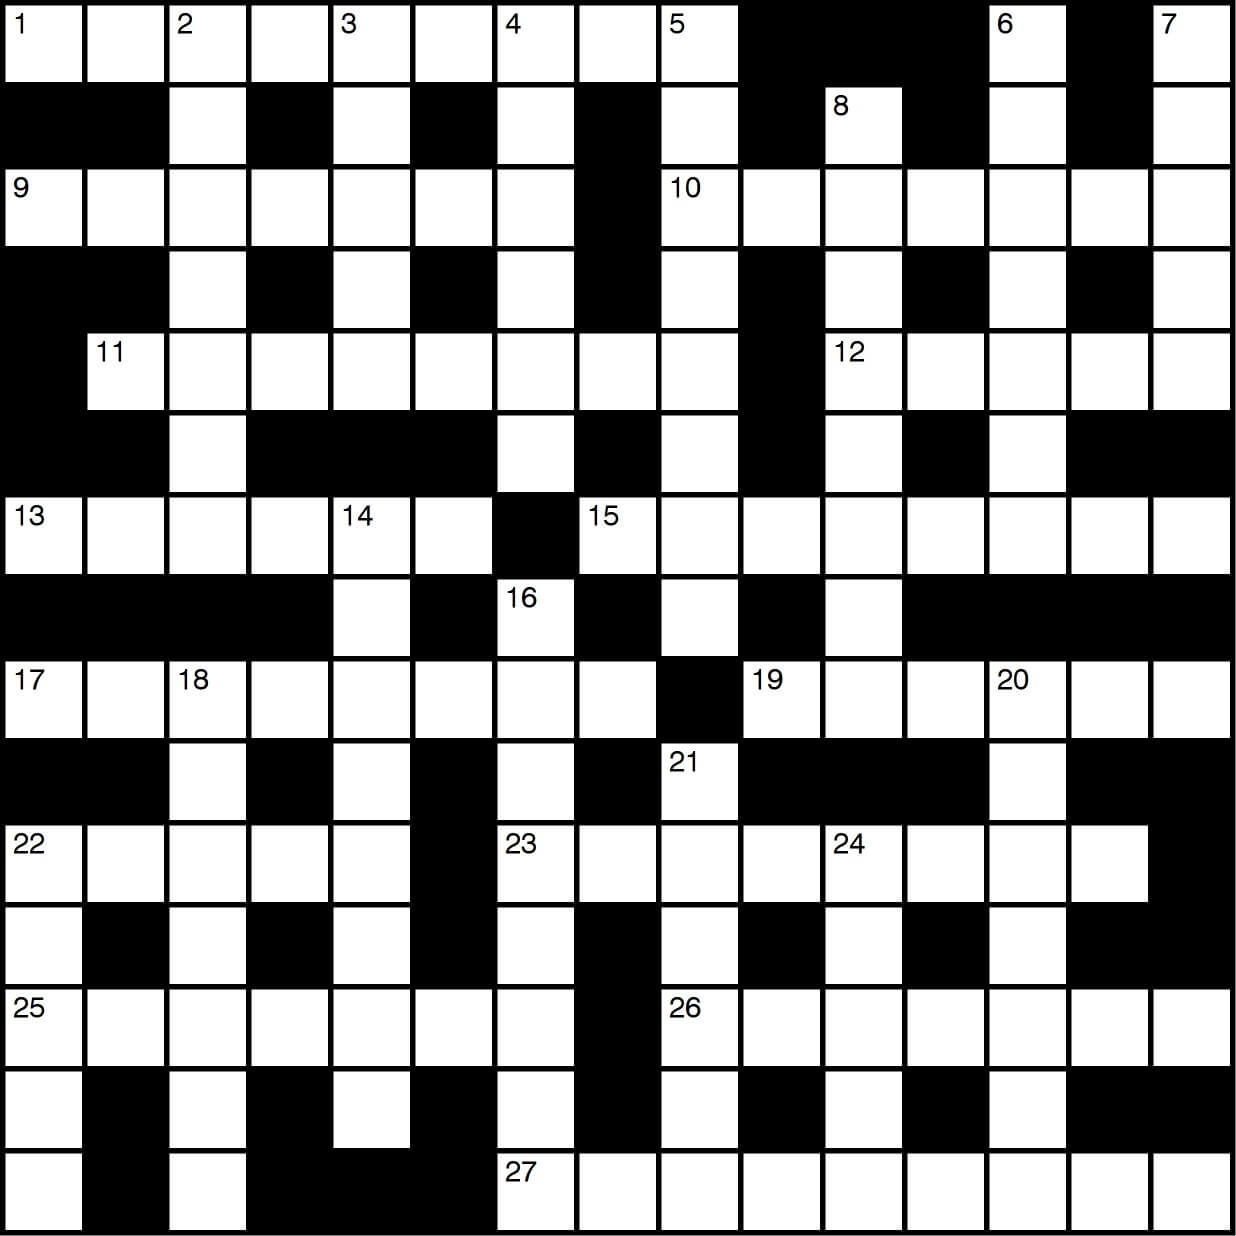 missing-vowels-uk-18